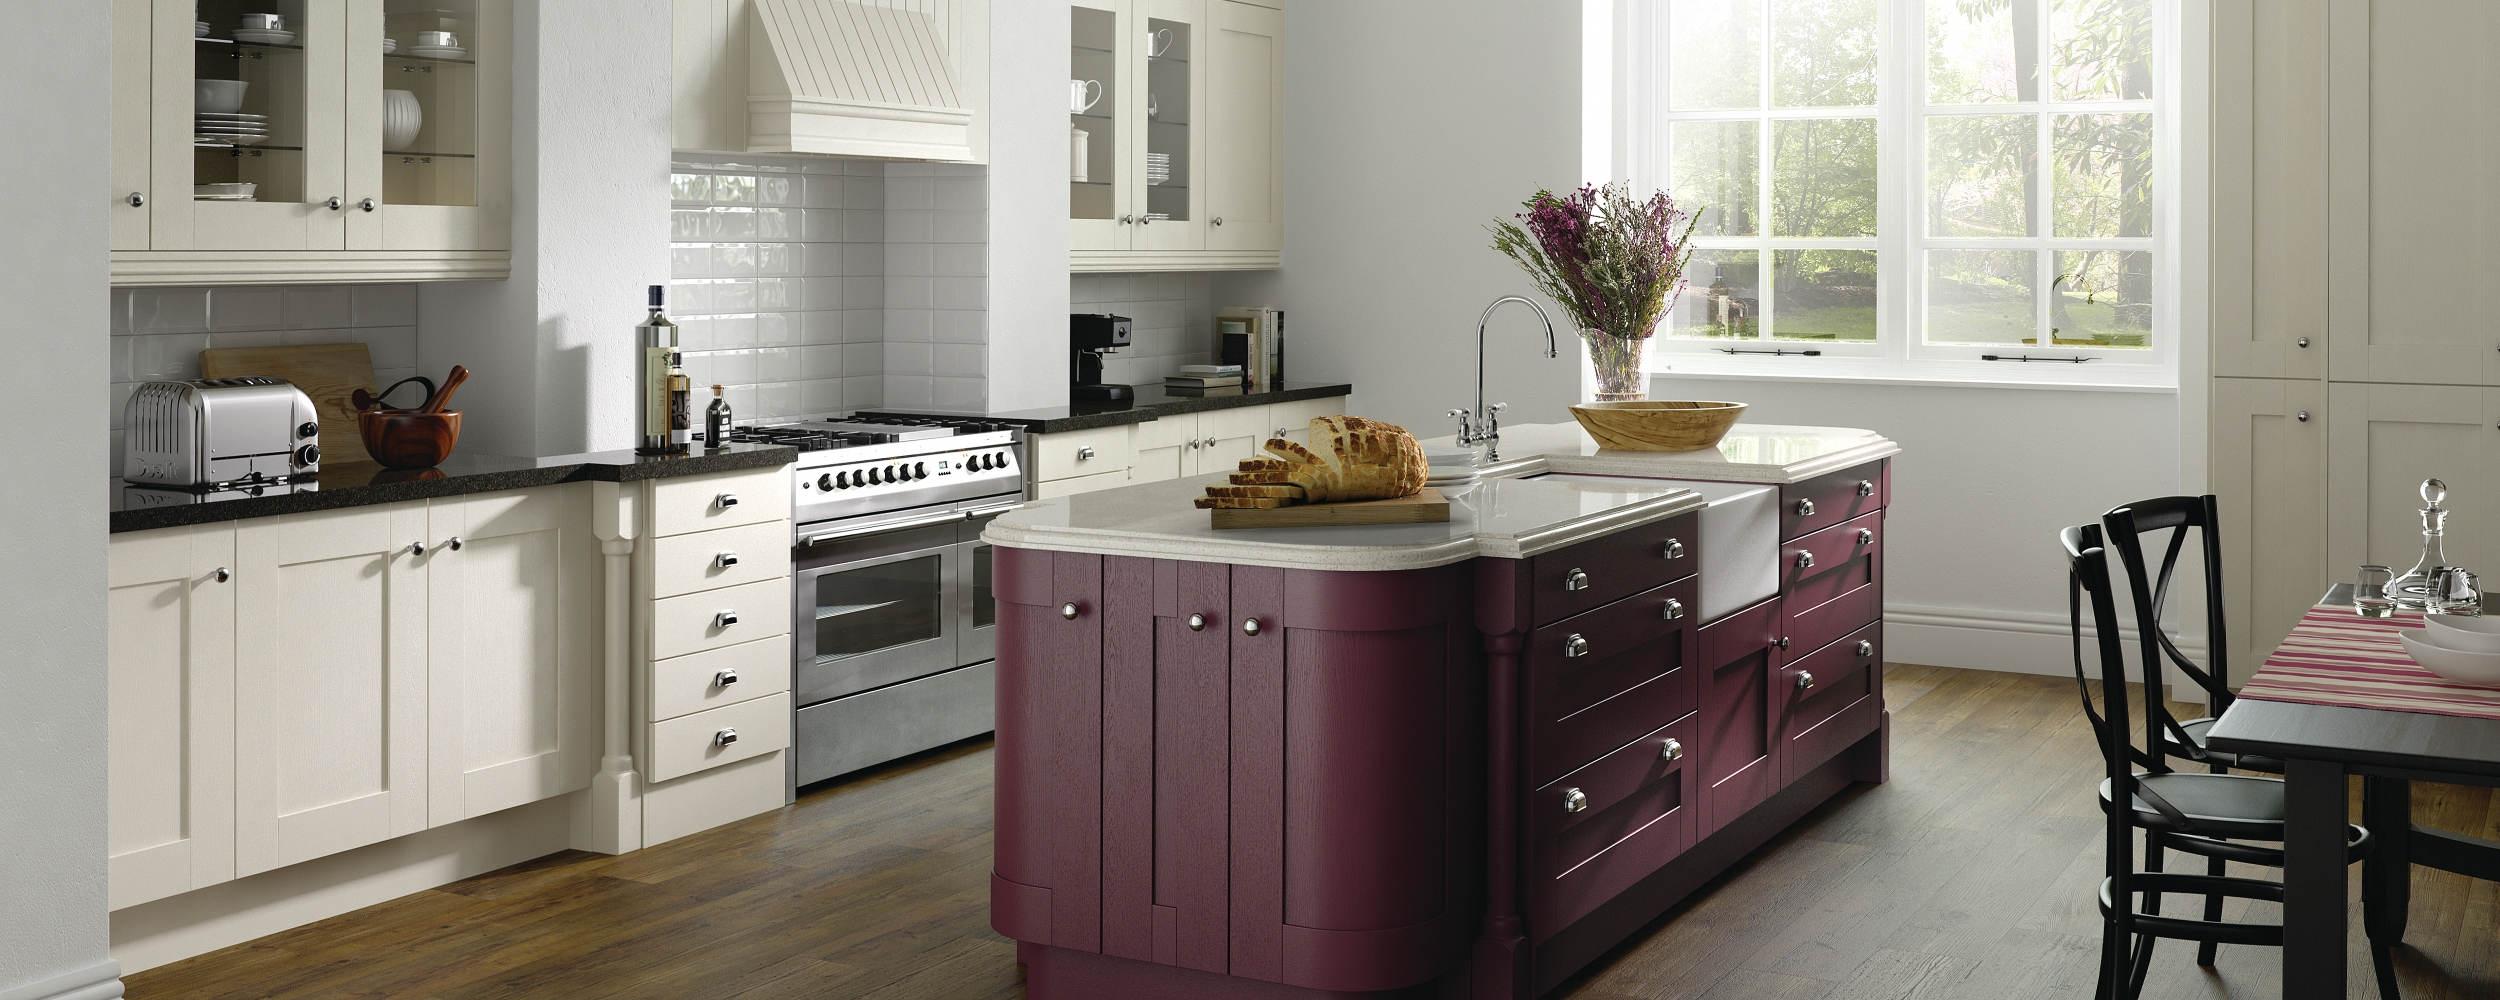 Traditional Kitchens Edinburgh Oak Kitchens Edinburgh Shaker Kitchen Design Edinburgh Ekco